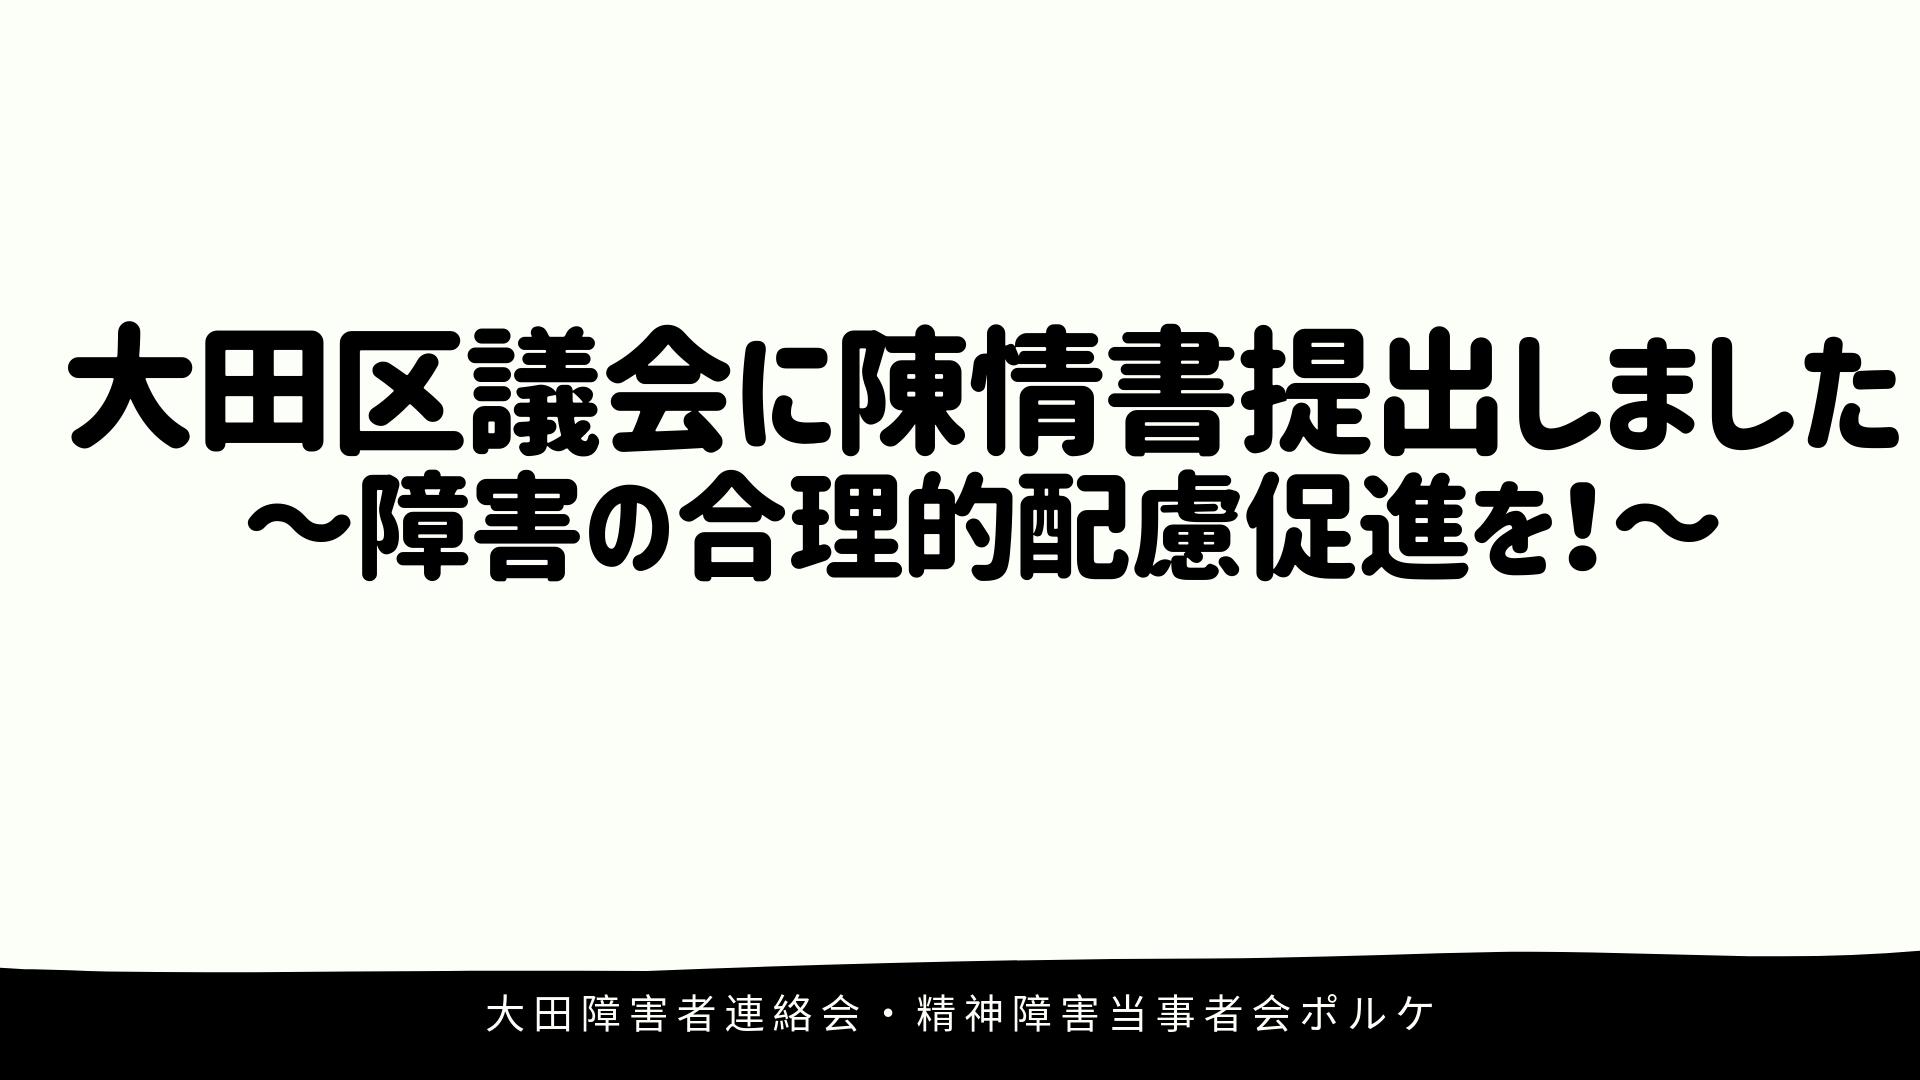 【報告】大田区議会に陳情書を提出しましたー障害の合理的配慮促進を!